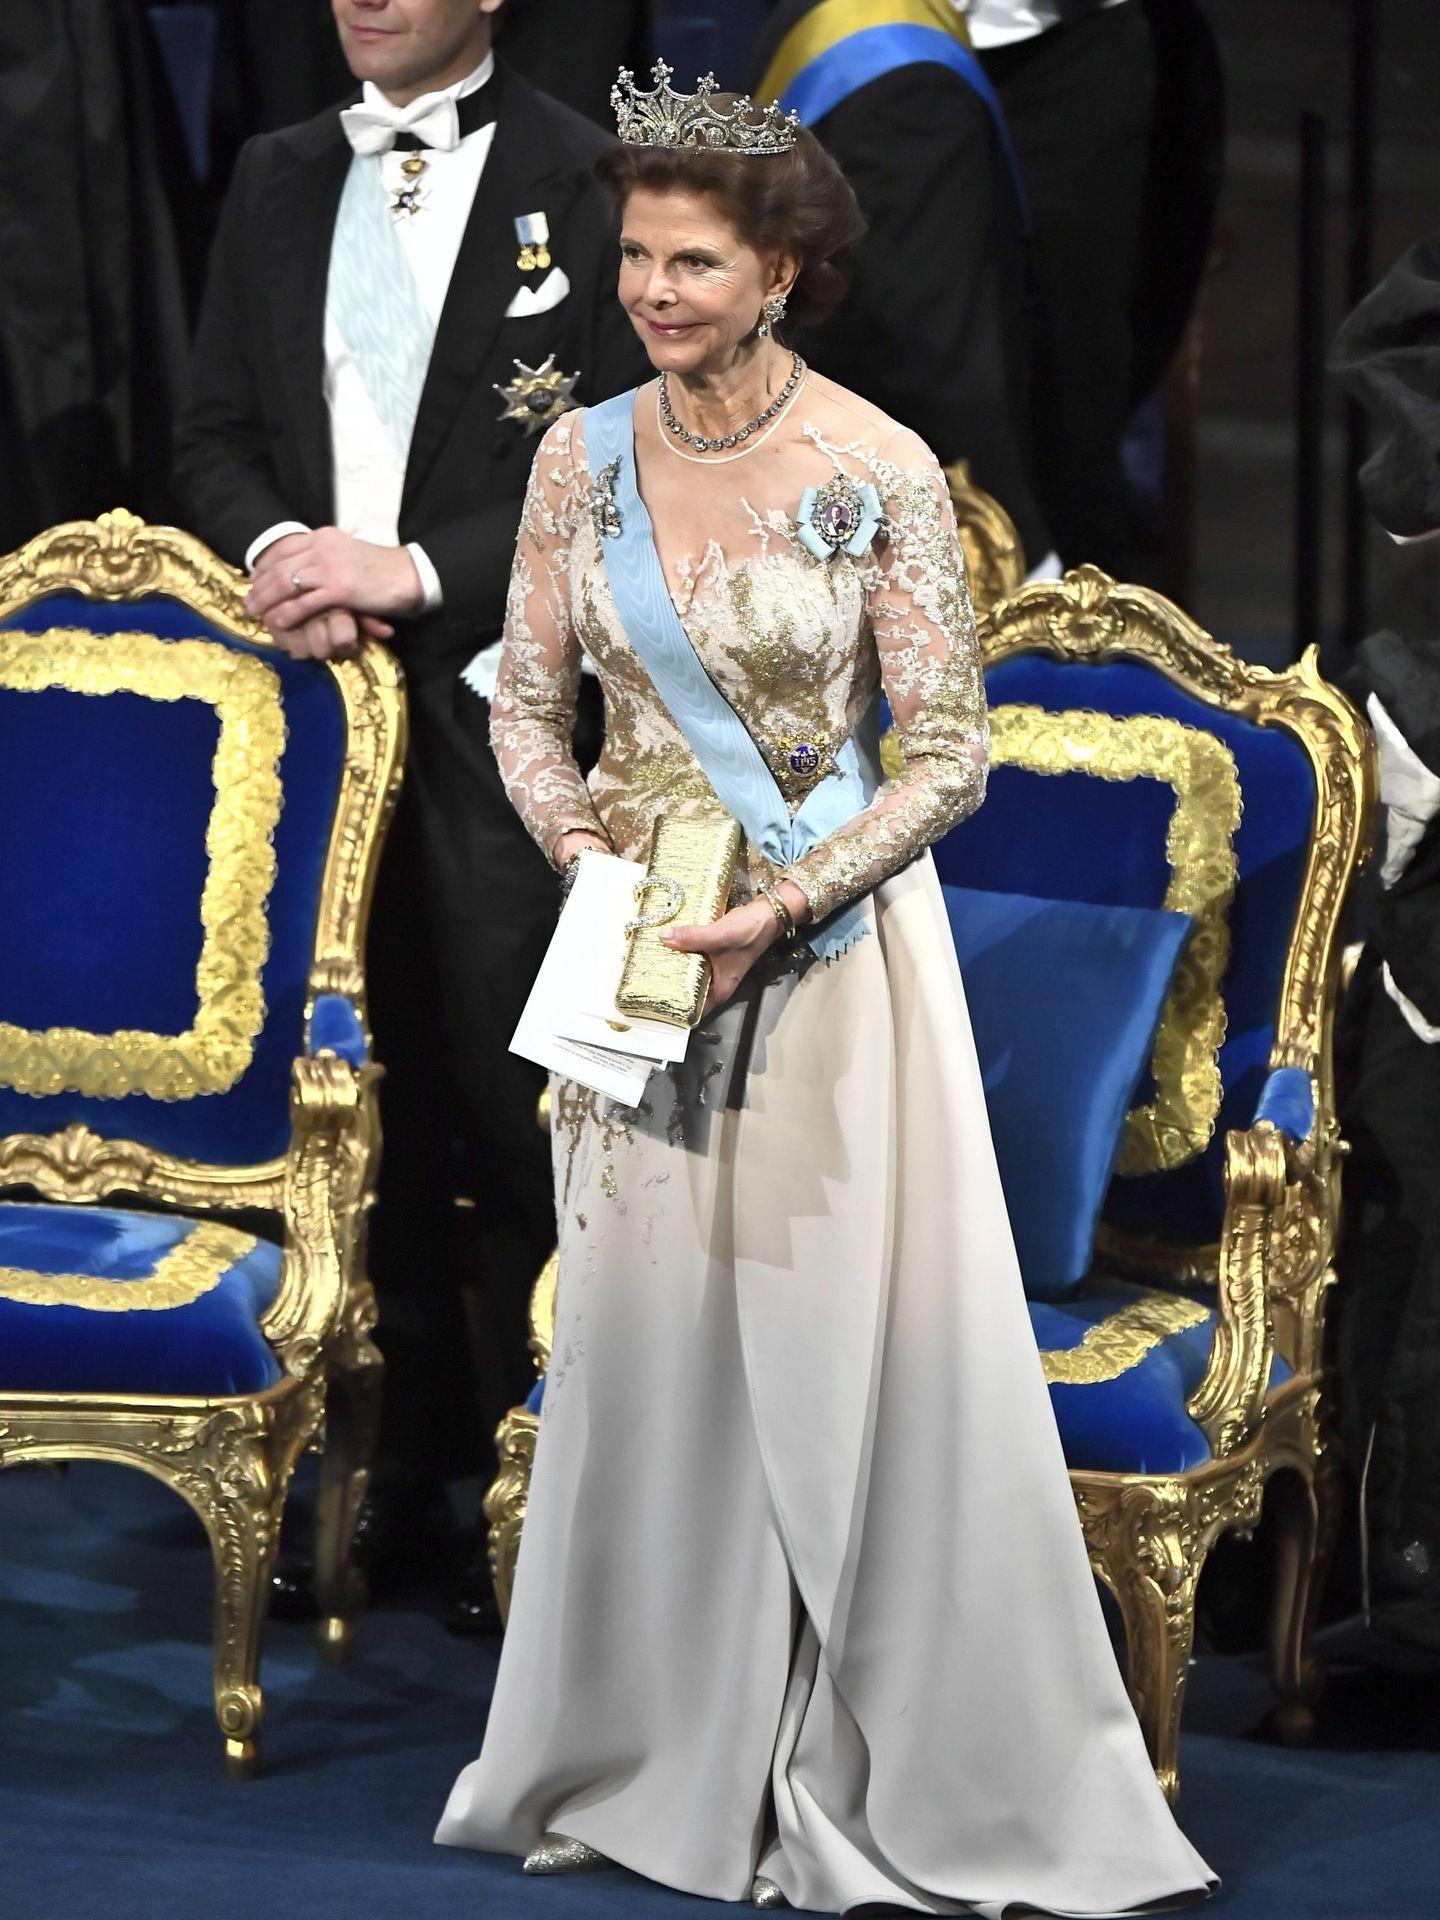 La reina Silvia. (Cordon Press)